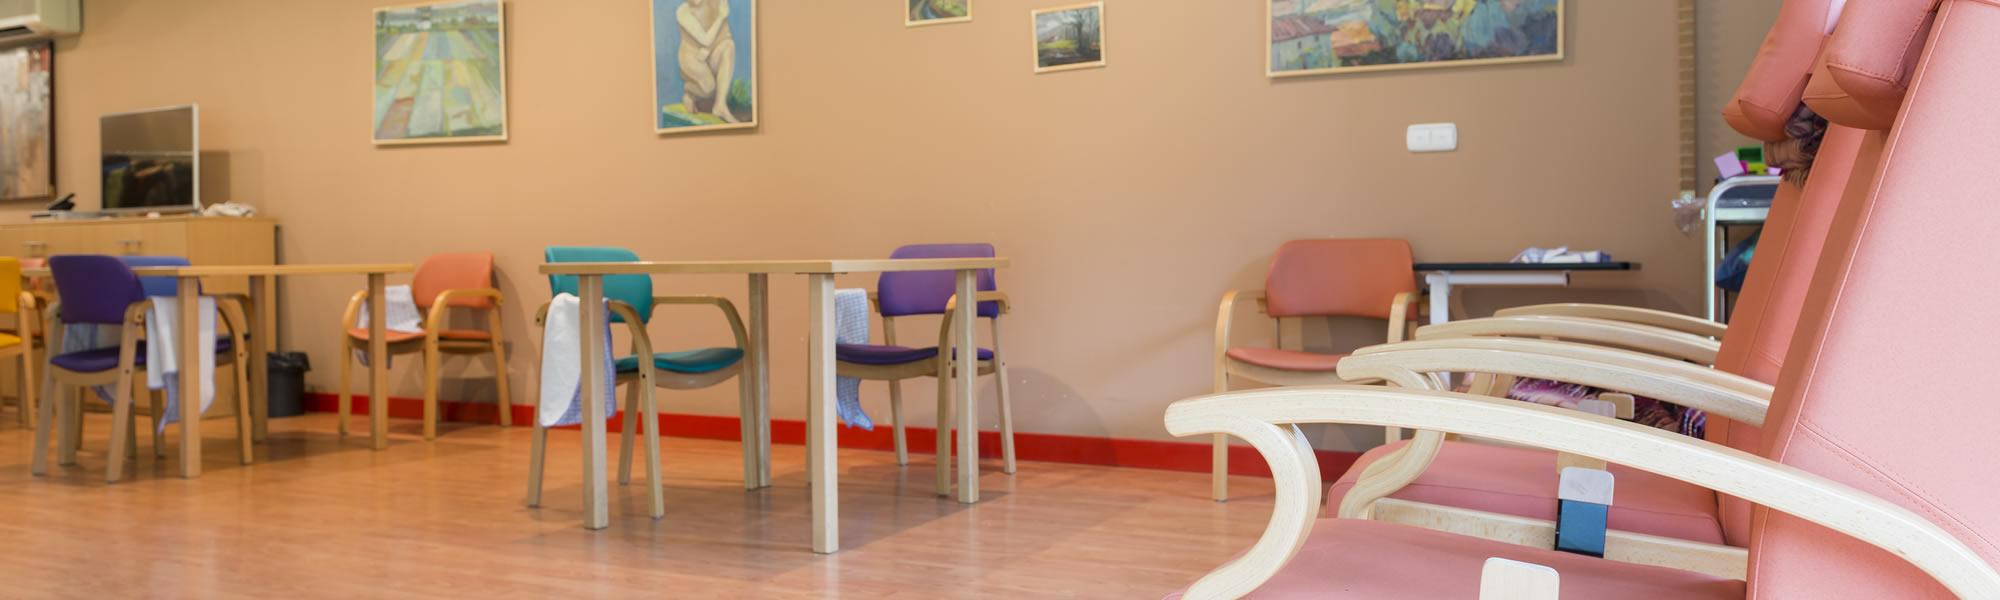 Zurekin centro para mayores - Sala de actividades